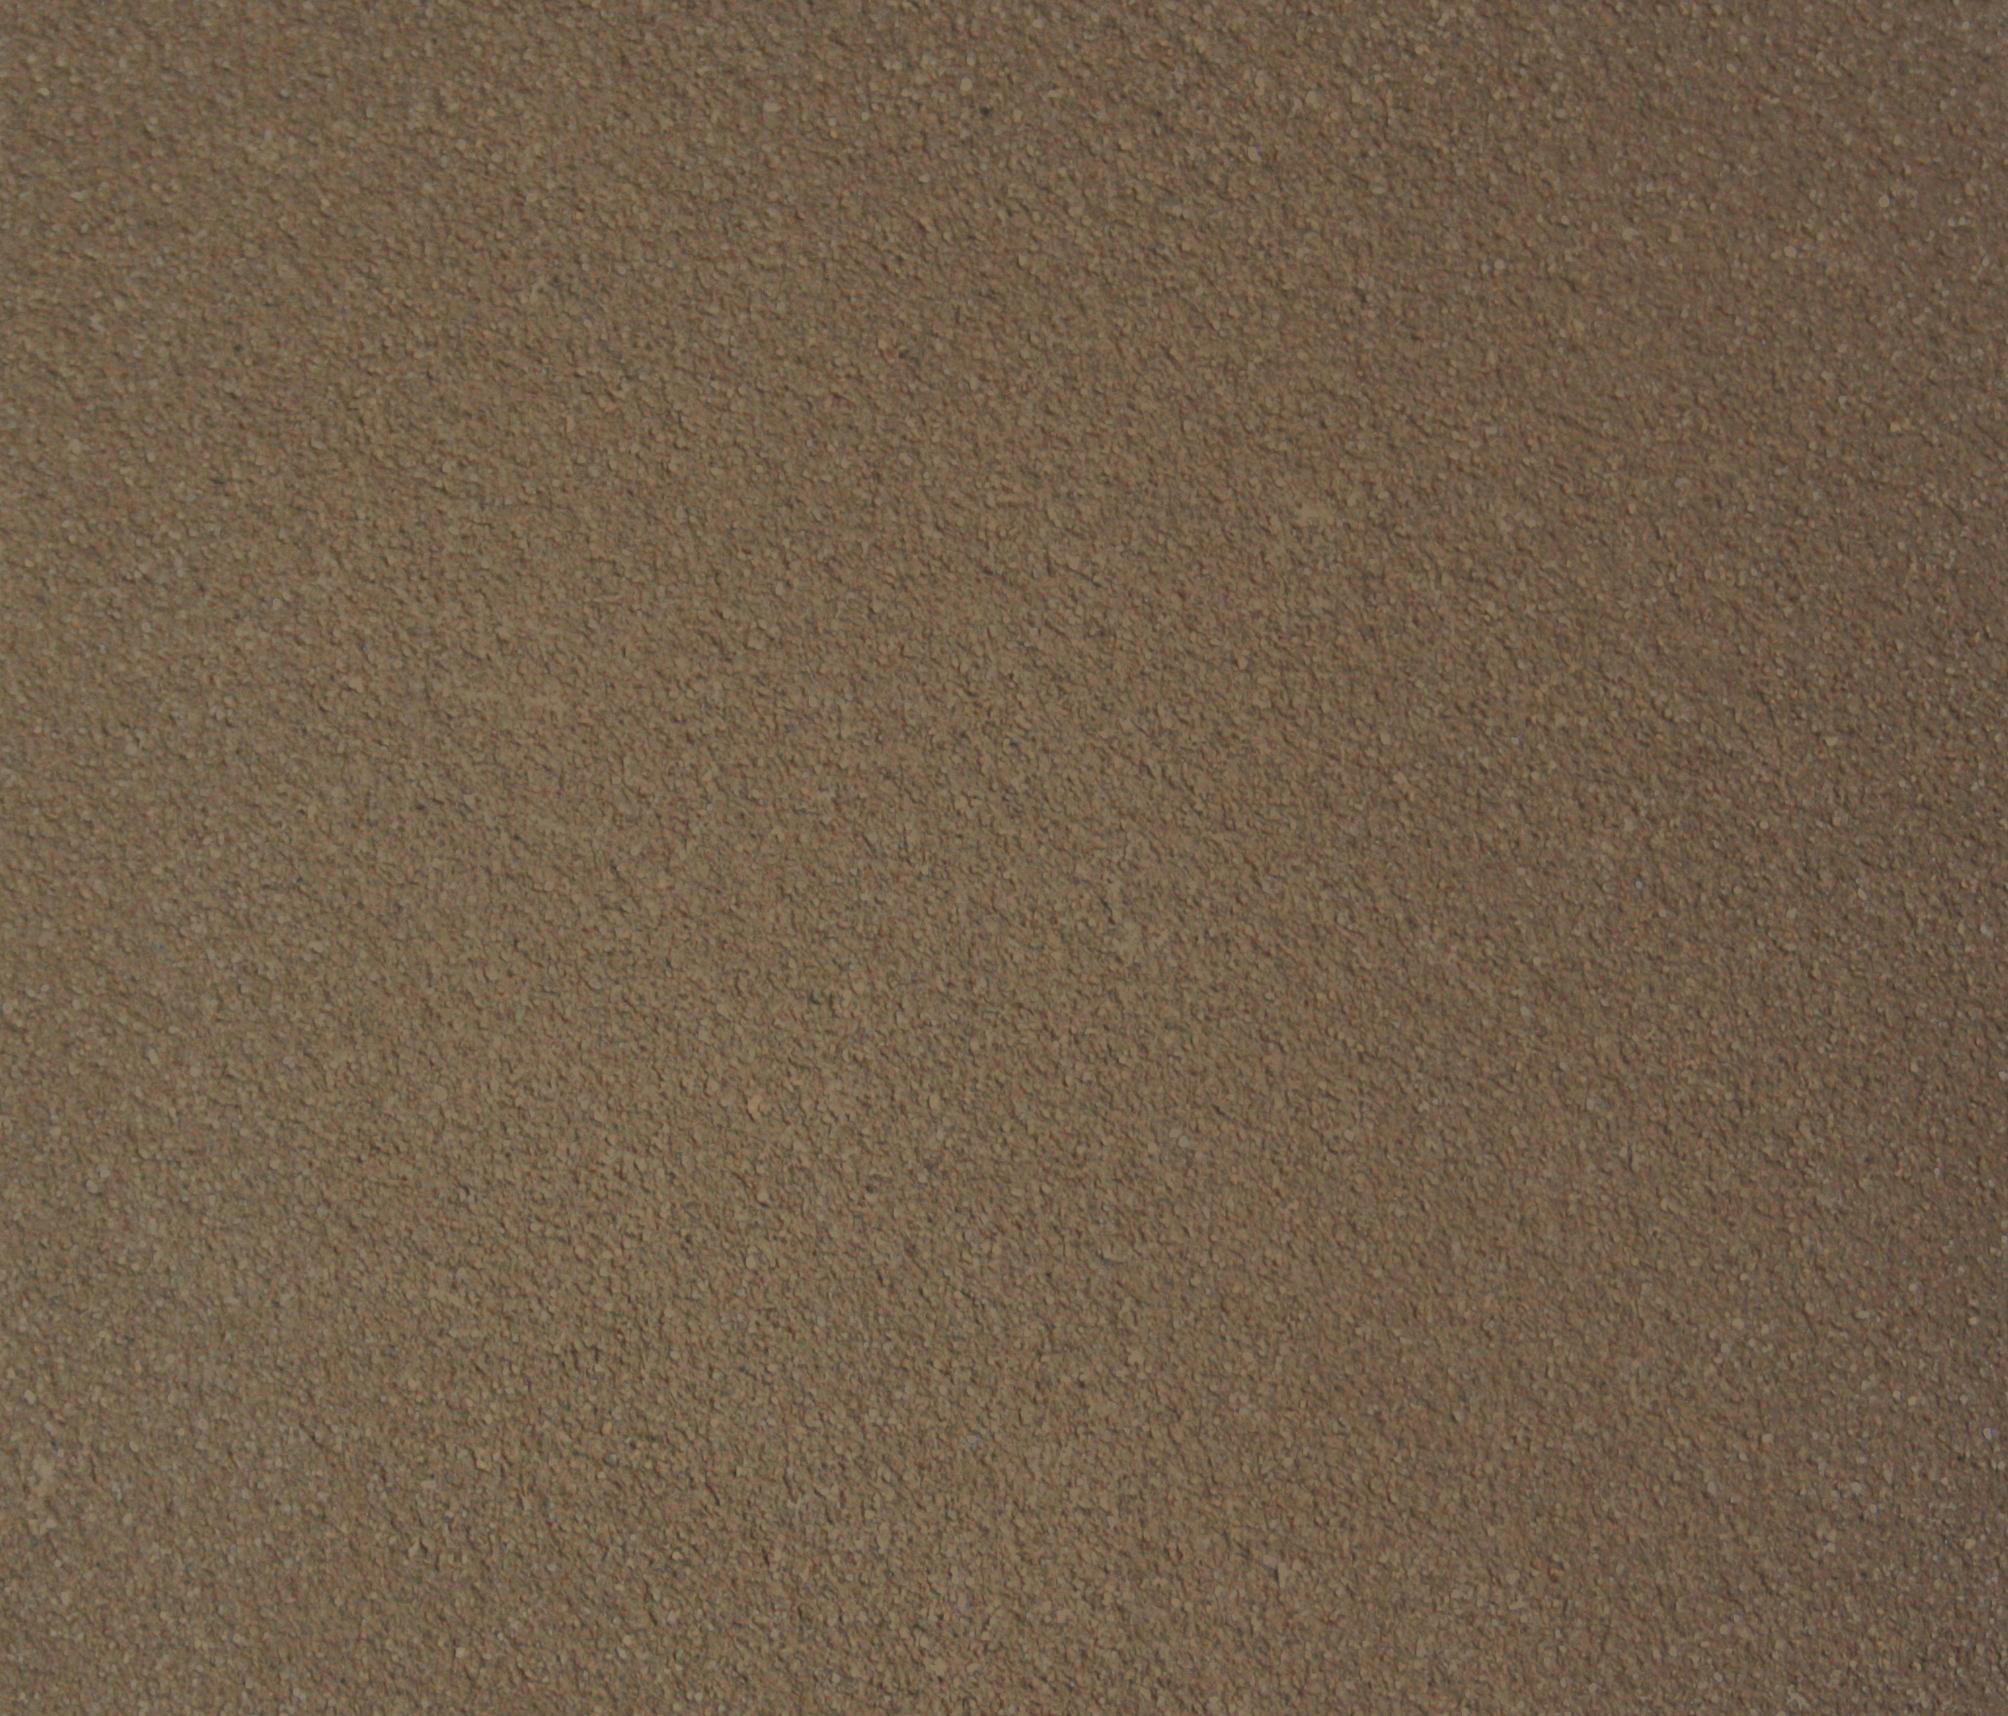 Terravista cacao lehm putze von matteo brioni architonic for Matteo brioni